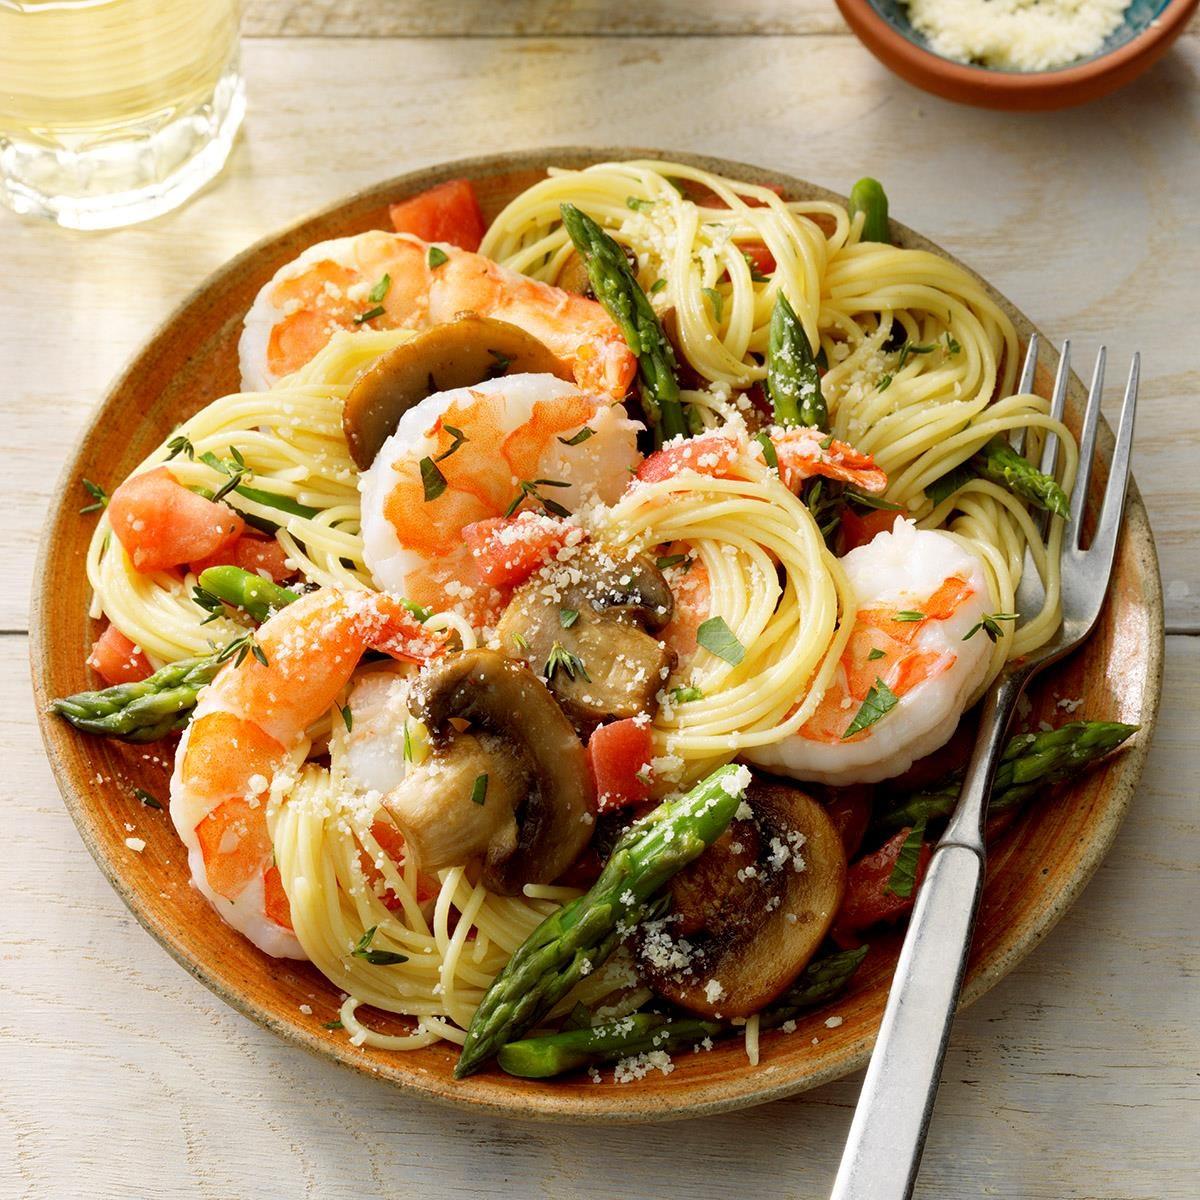 April: Shrimp Pasta Primavera